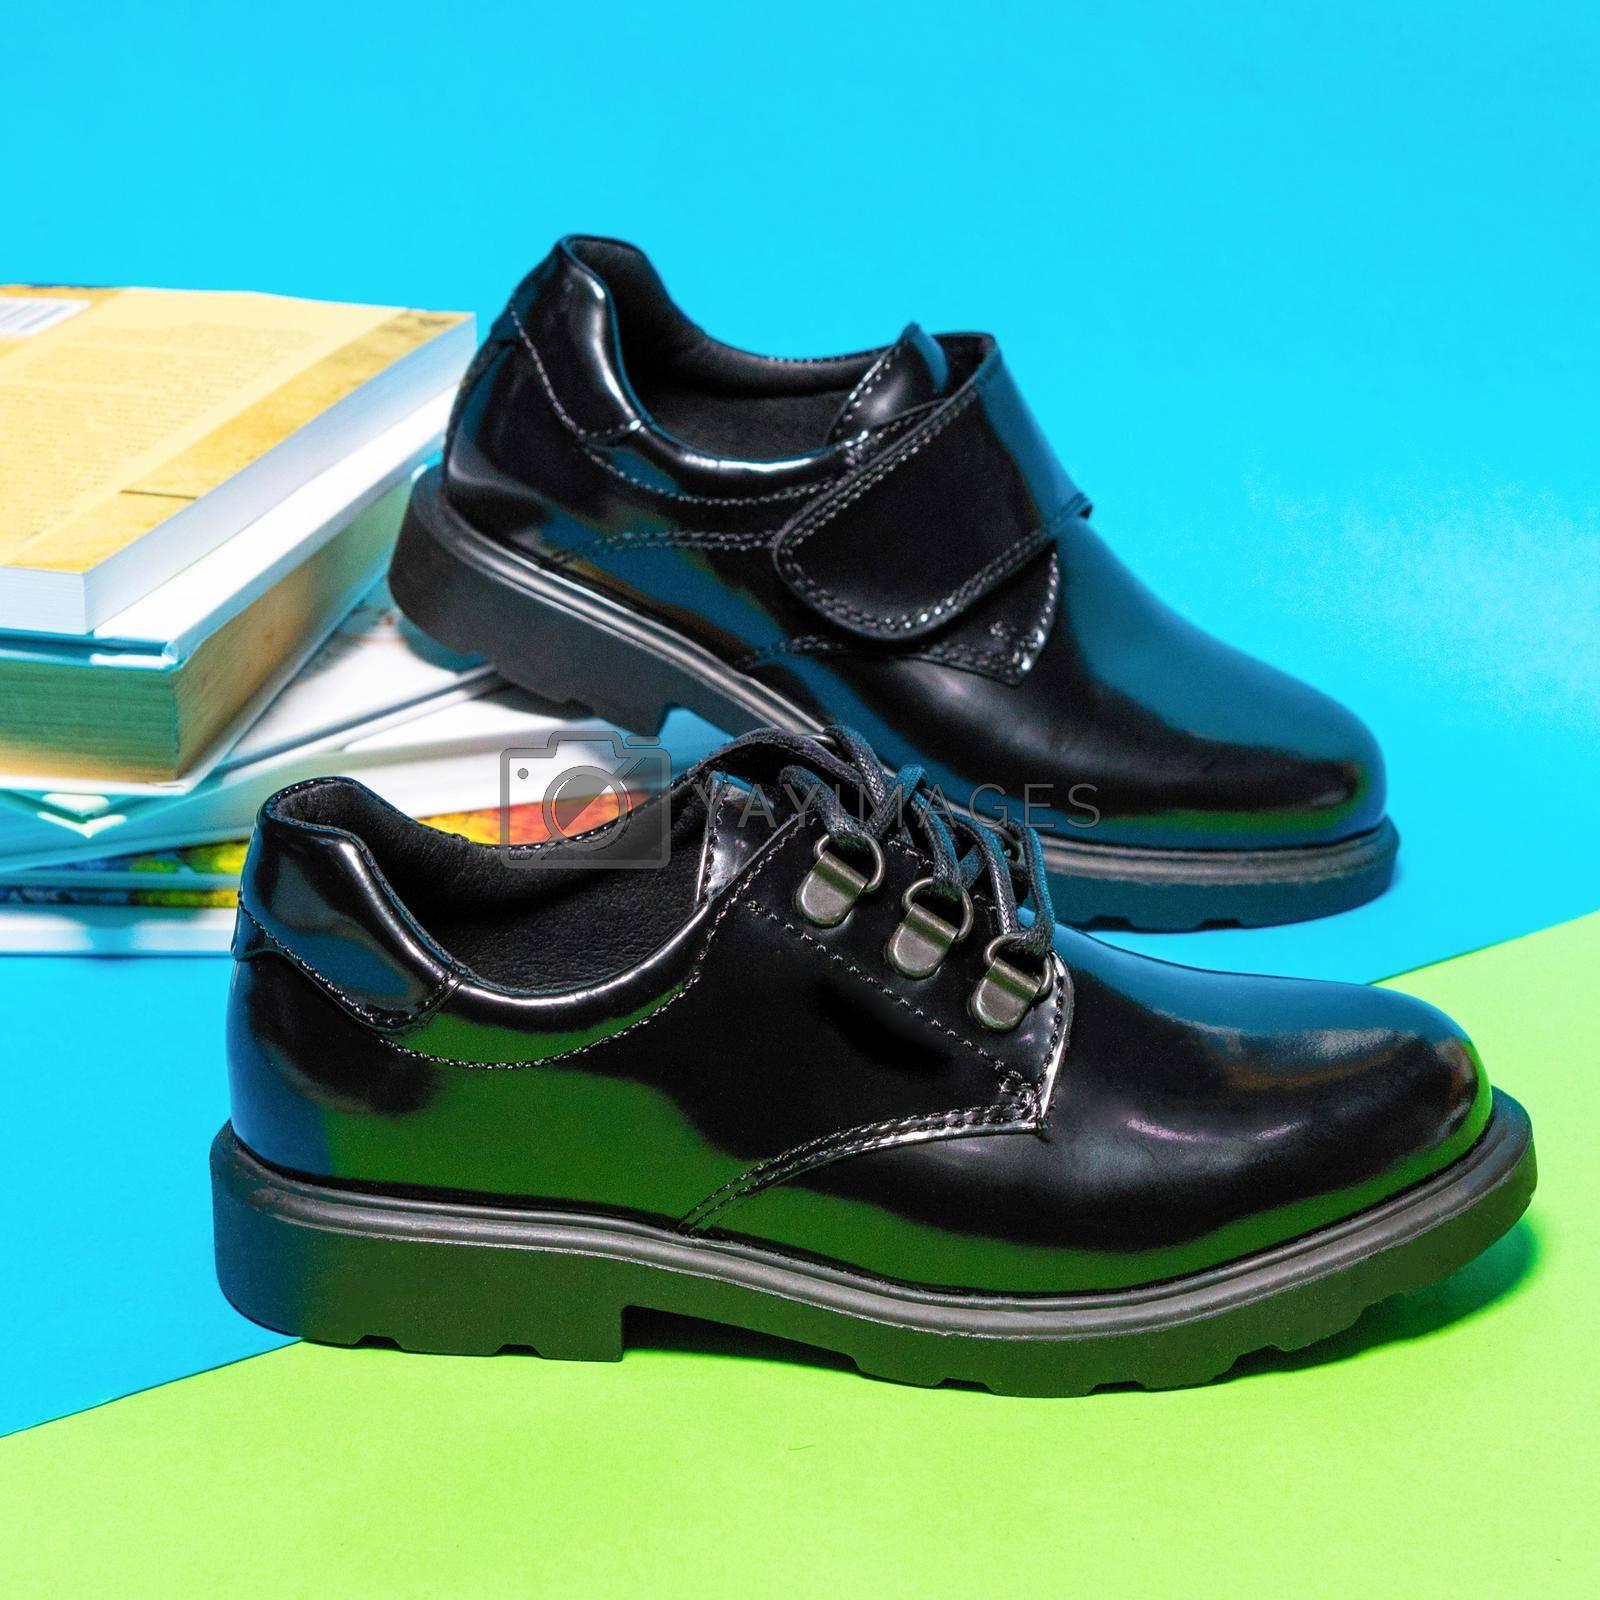 Black shiny boy male shoes isolated